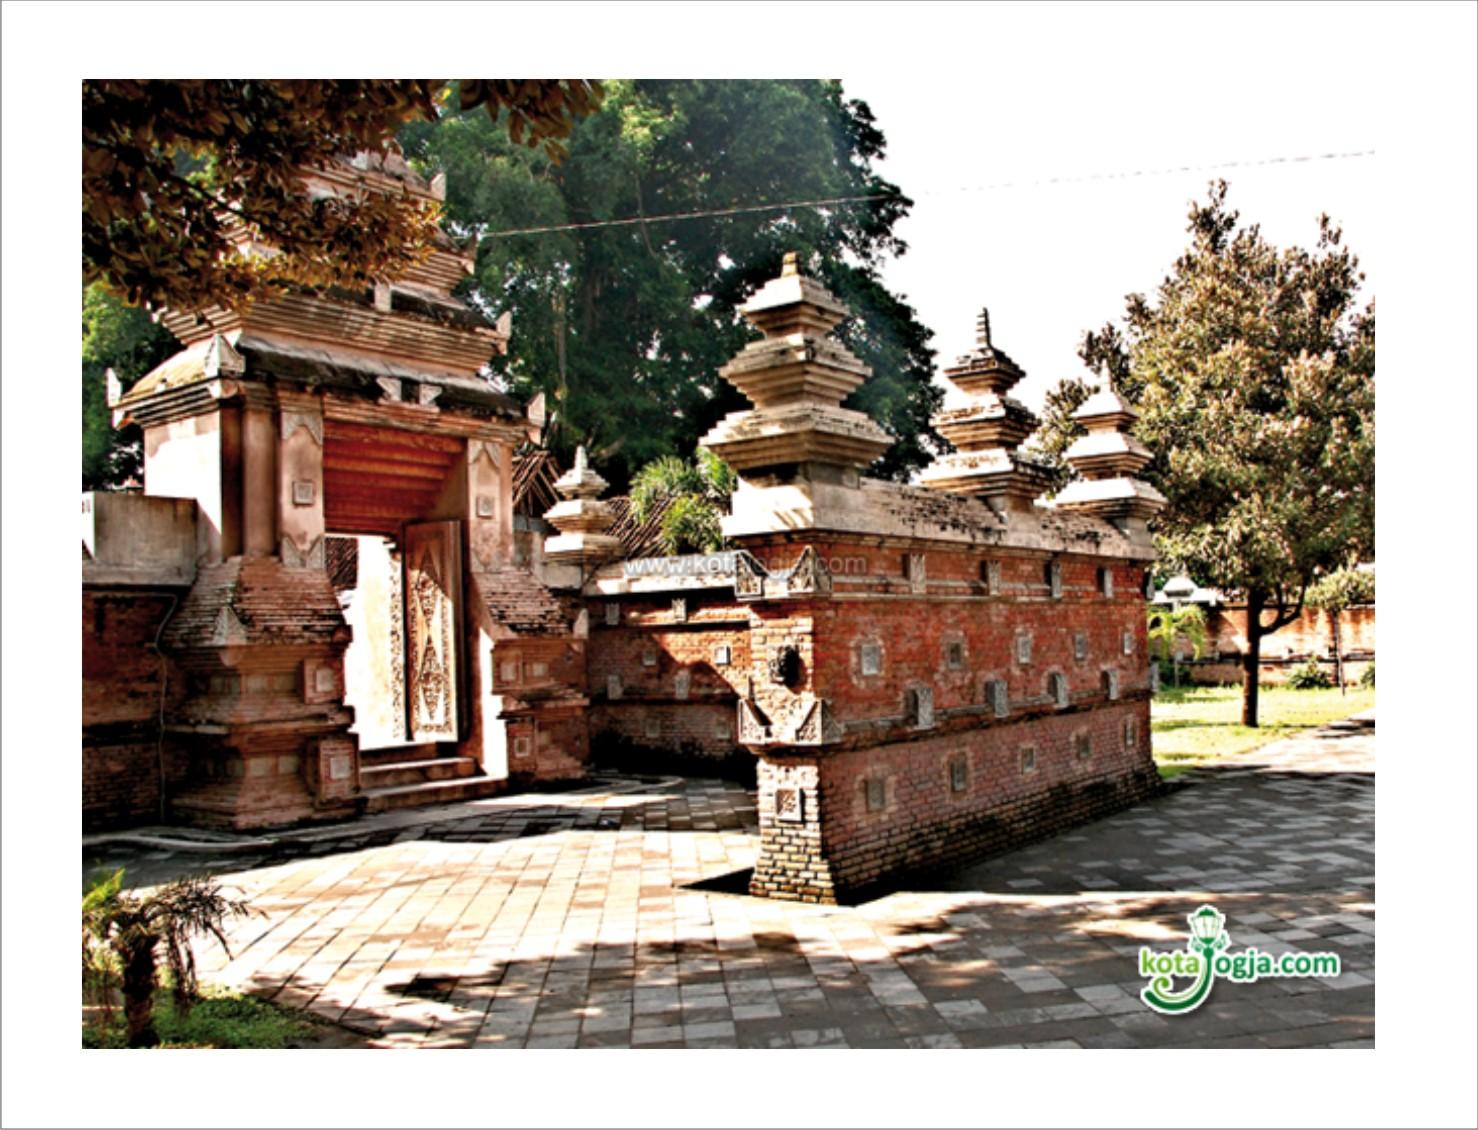 Mencermati Destinasi Wisata Berbasis Warisan Budaya Kotagede Masjid Konon Tertua